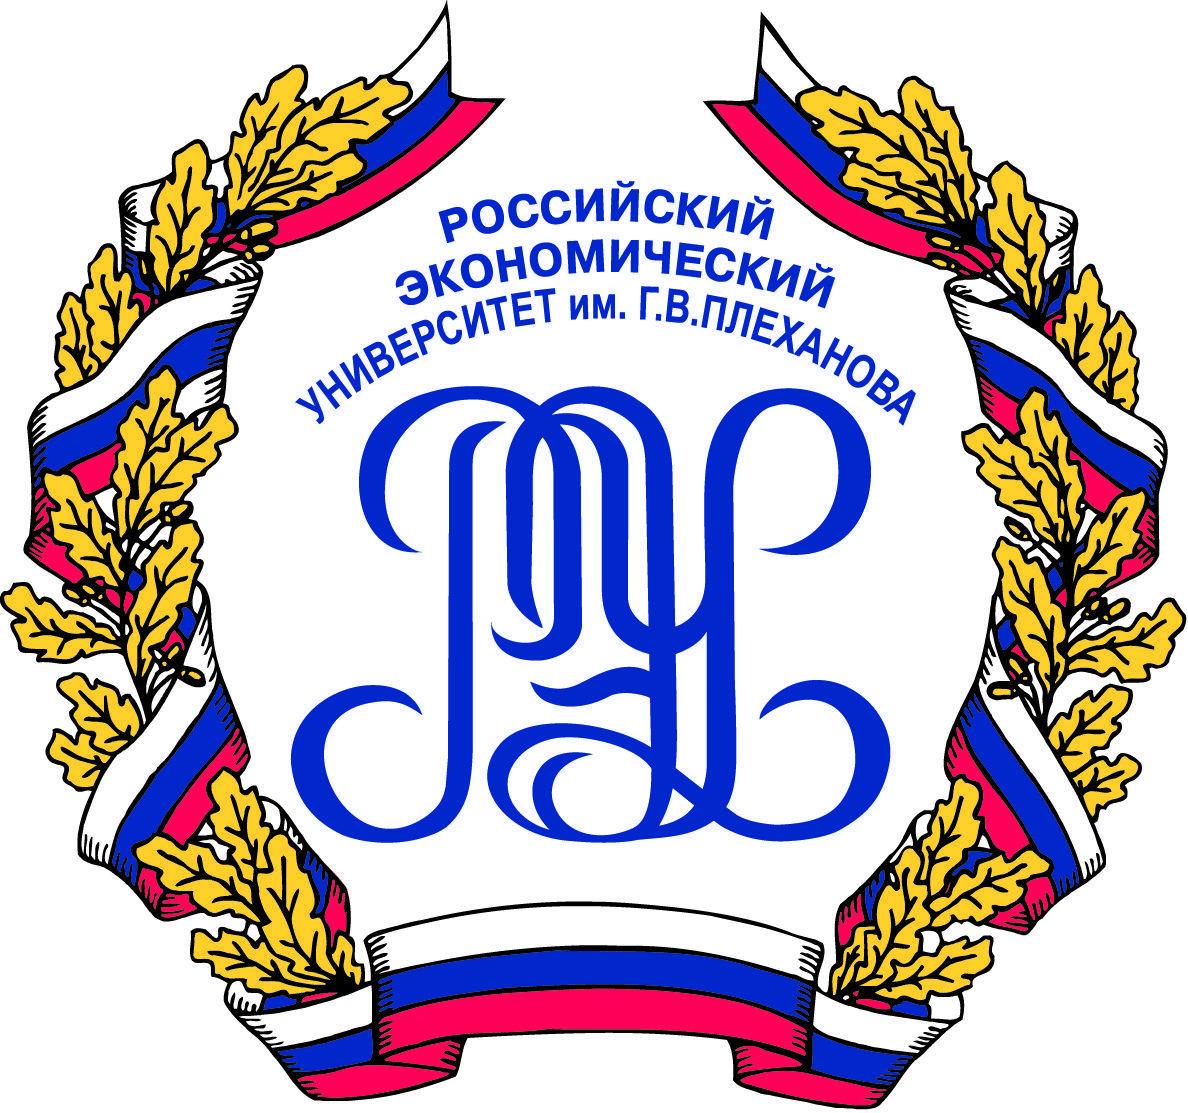 Российский экономический университет им. Г.В. Плеханова — филиал в г. Уфа